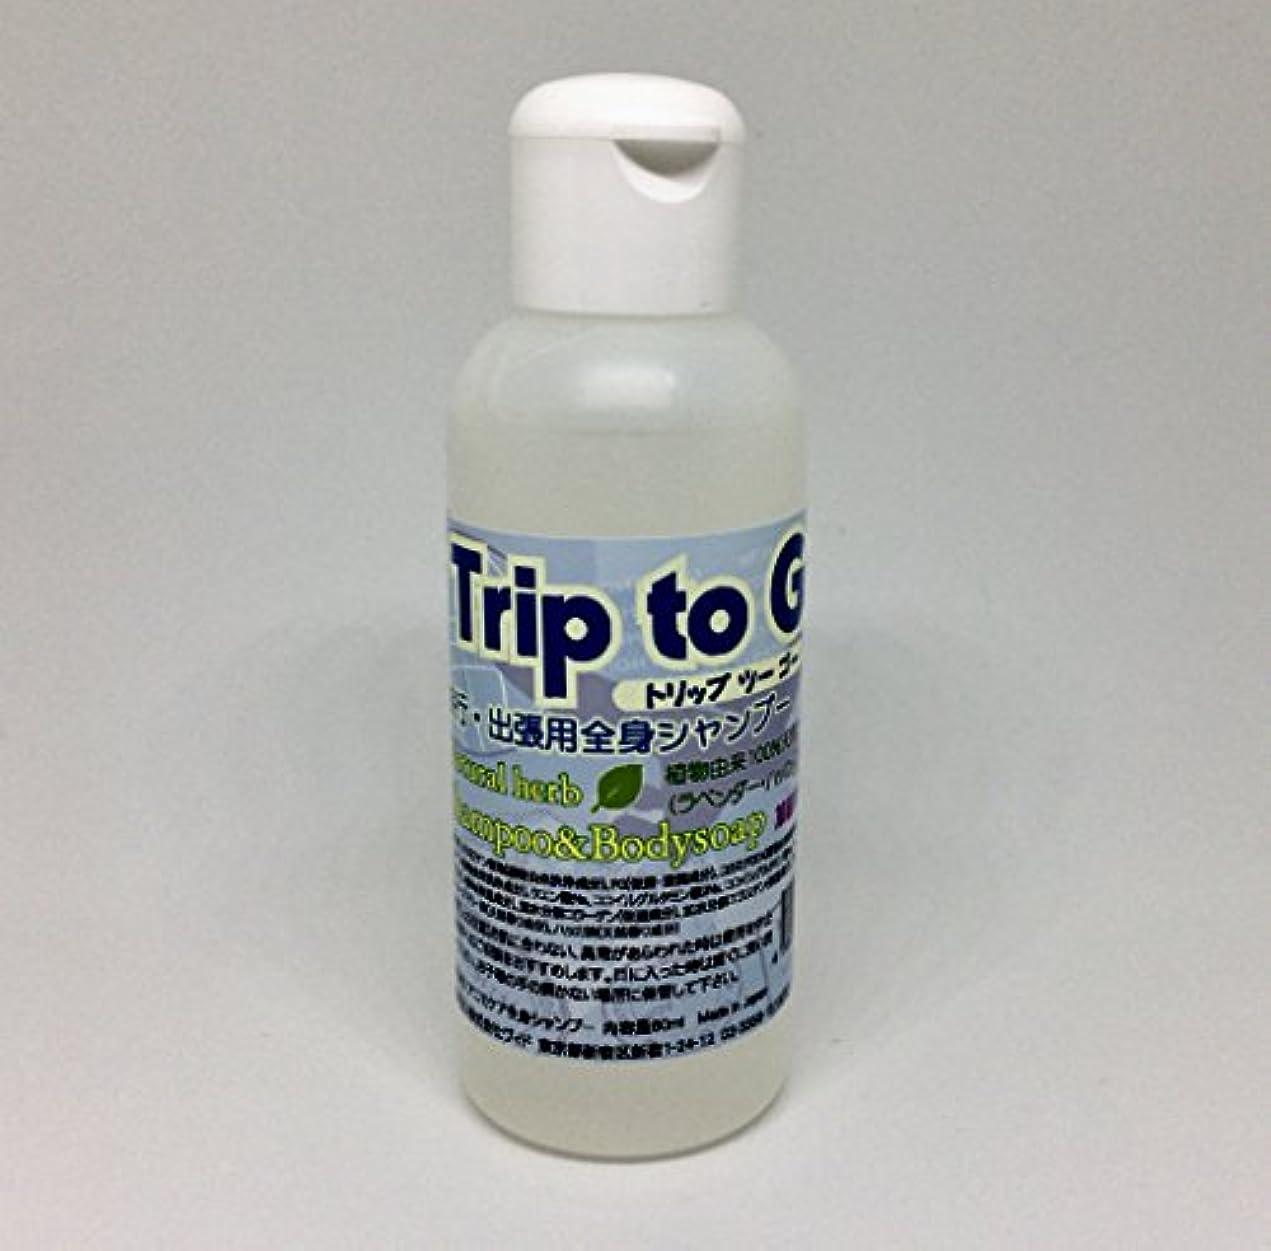 ギャングスターしみ退屈させるTrip to Go(トリップツーゴー) 全身シャンプー 60ml 旅行/出張にコレ1本 ただいま送料無料です。